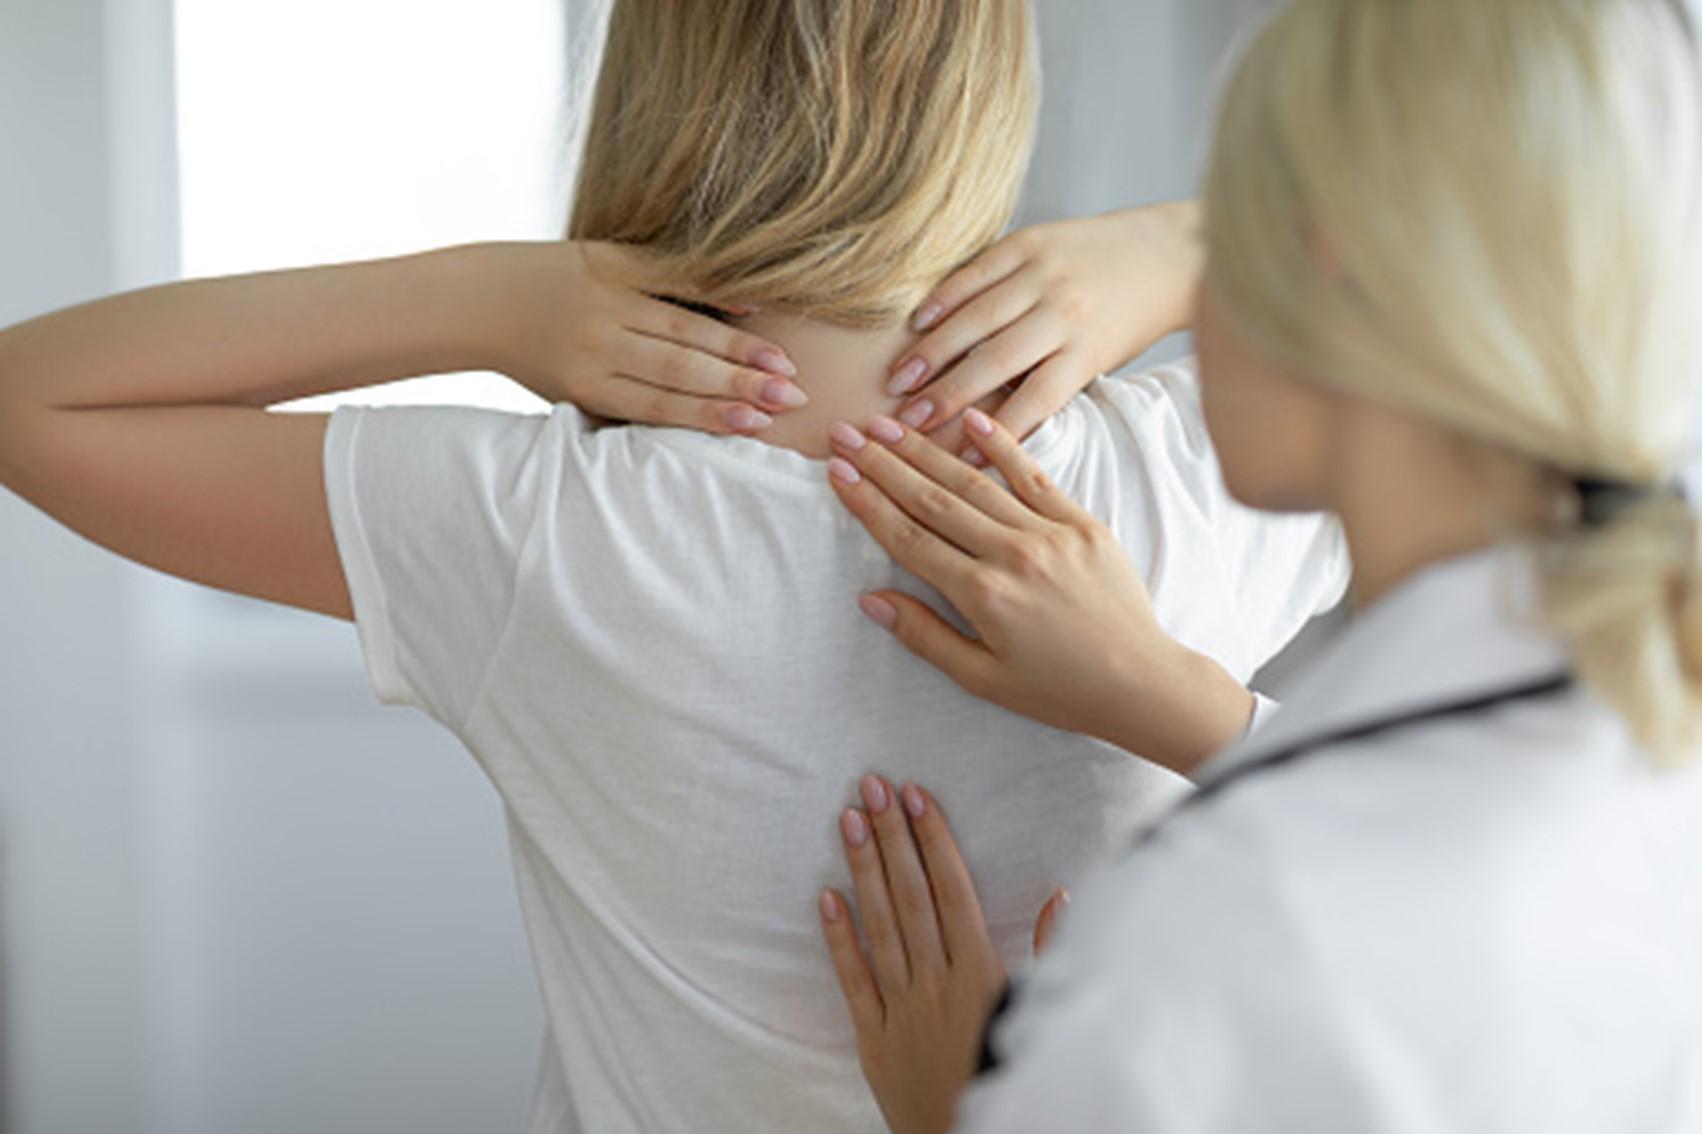 Comment faire un bon massage du dos ? - Pour trouver un massothérapeute :